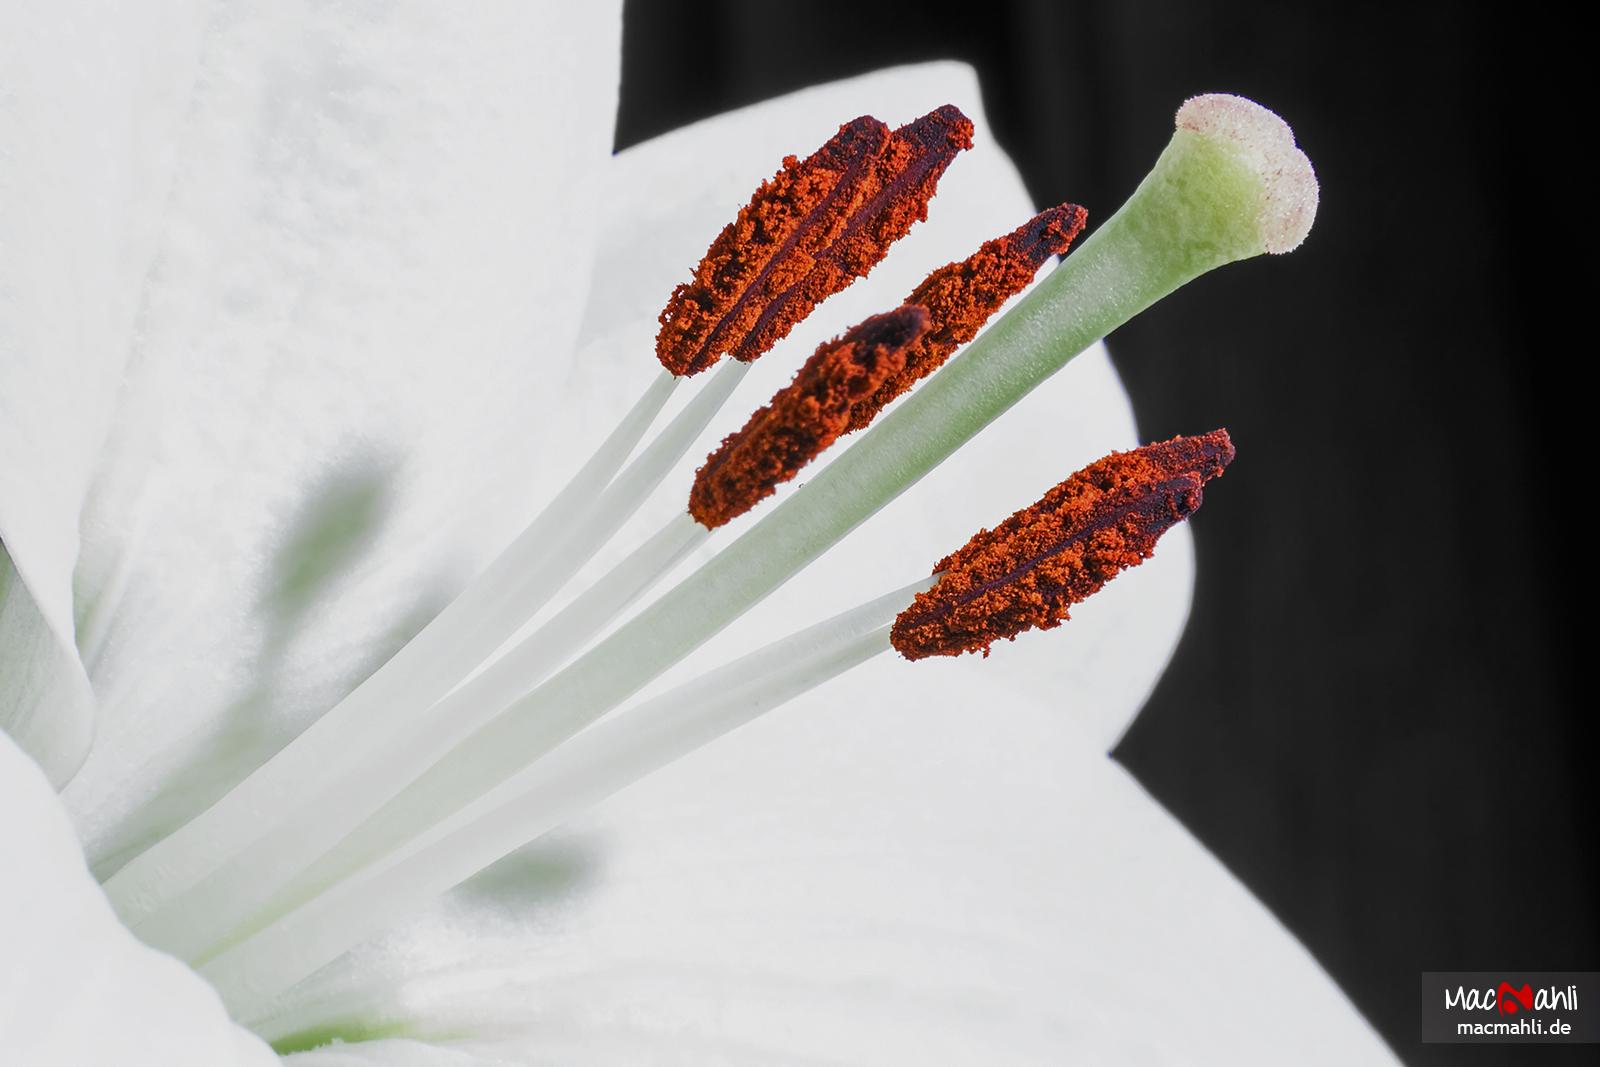 wallpaper internet flickr flower de deutschland bayern macro